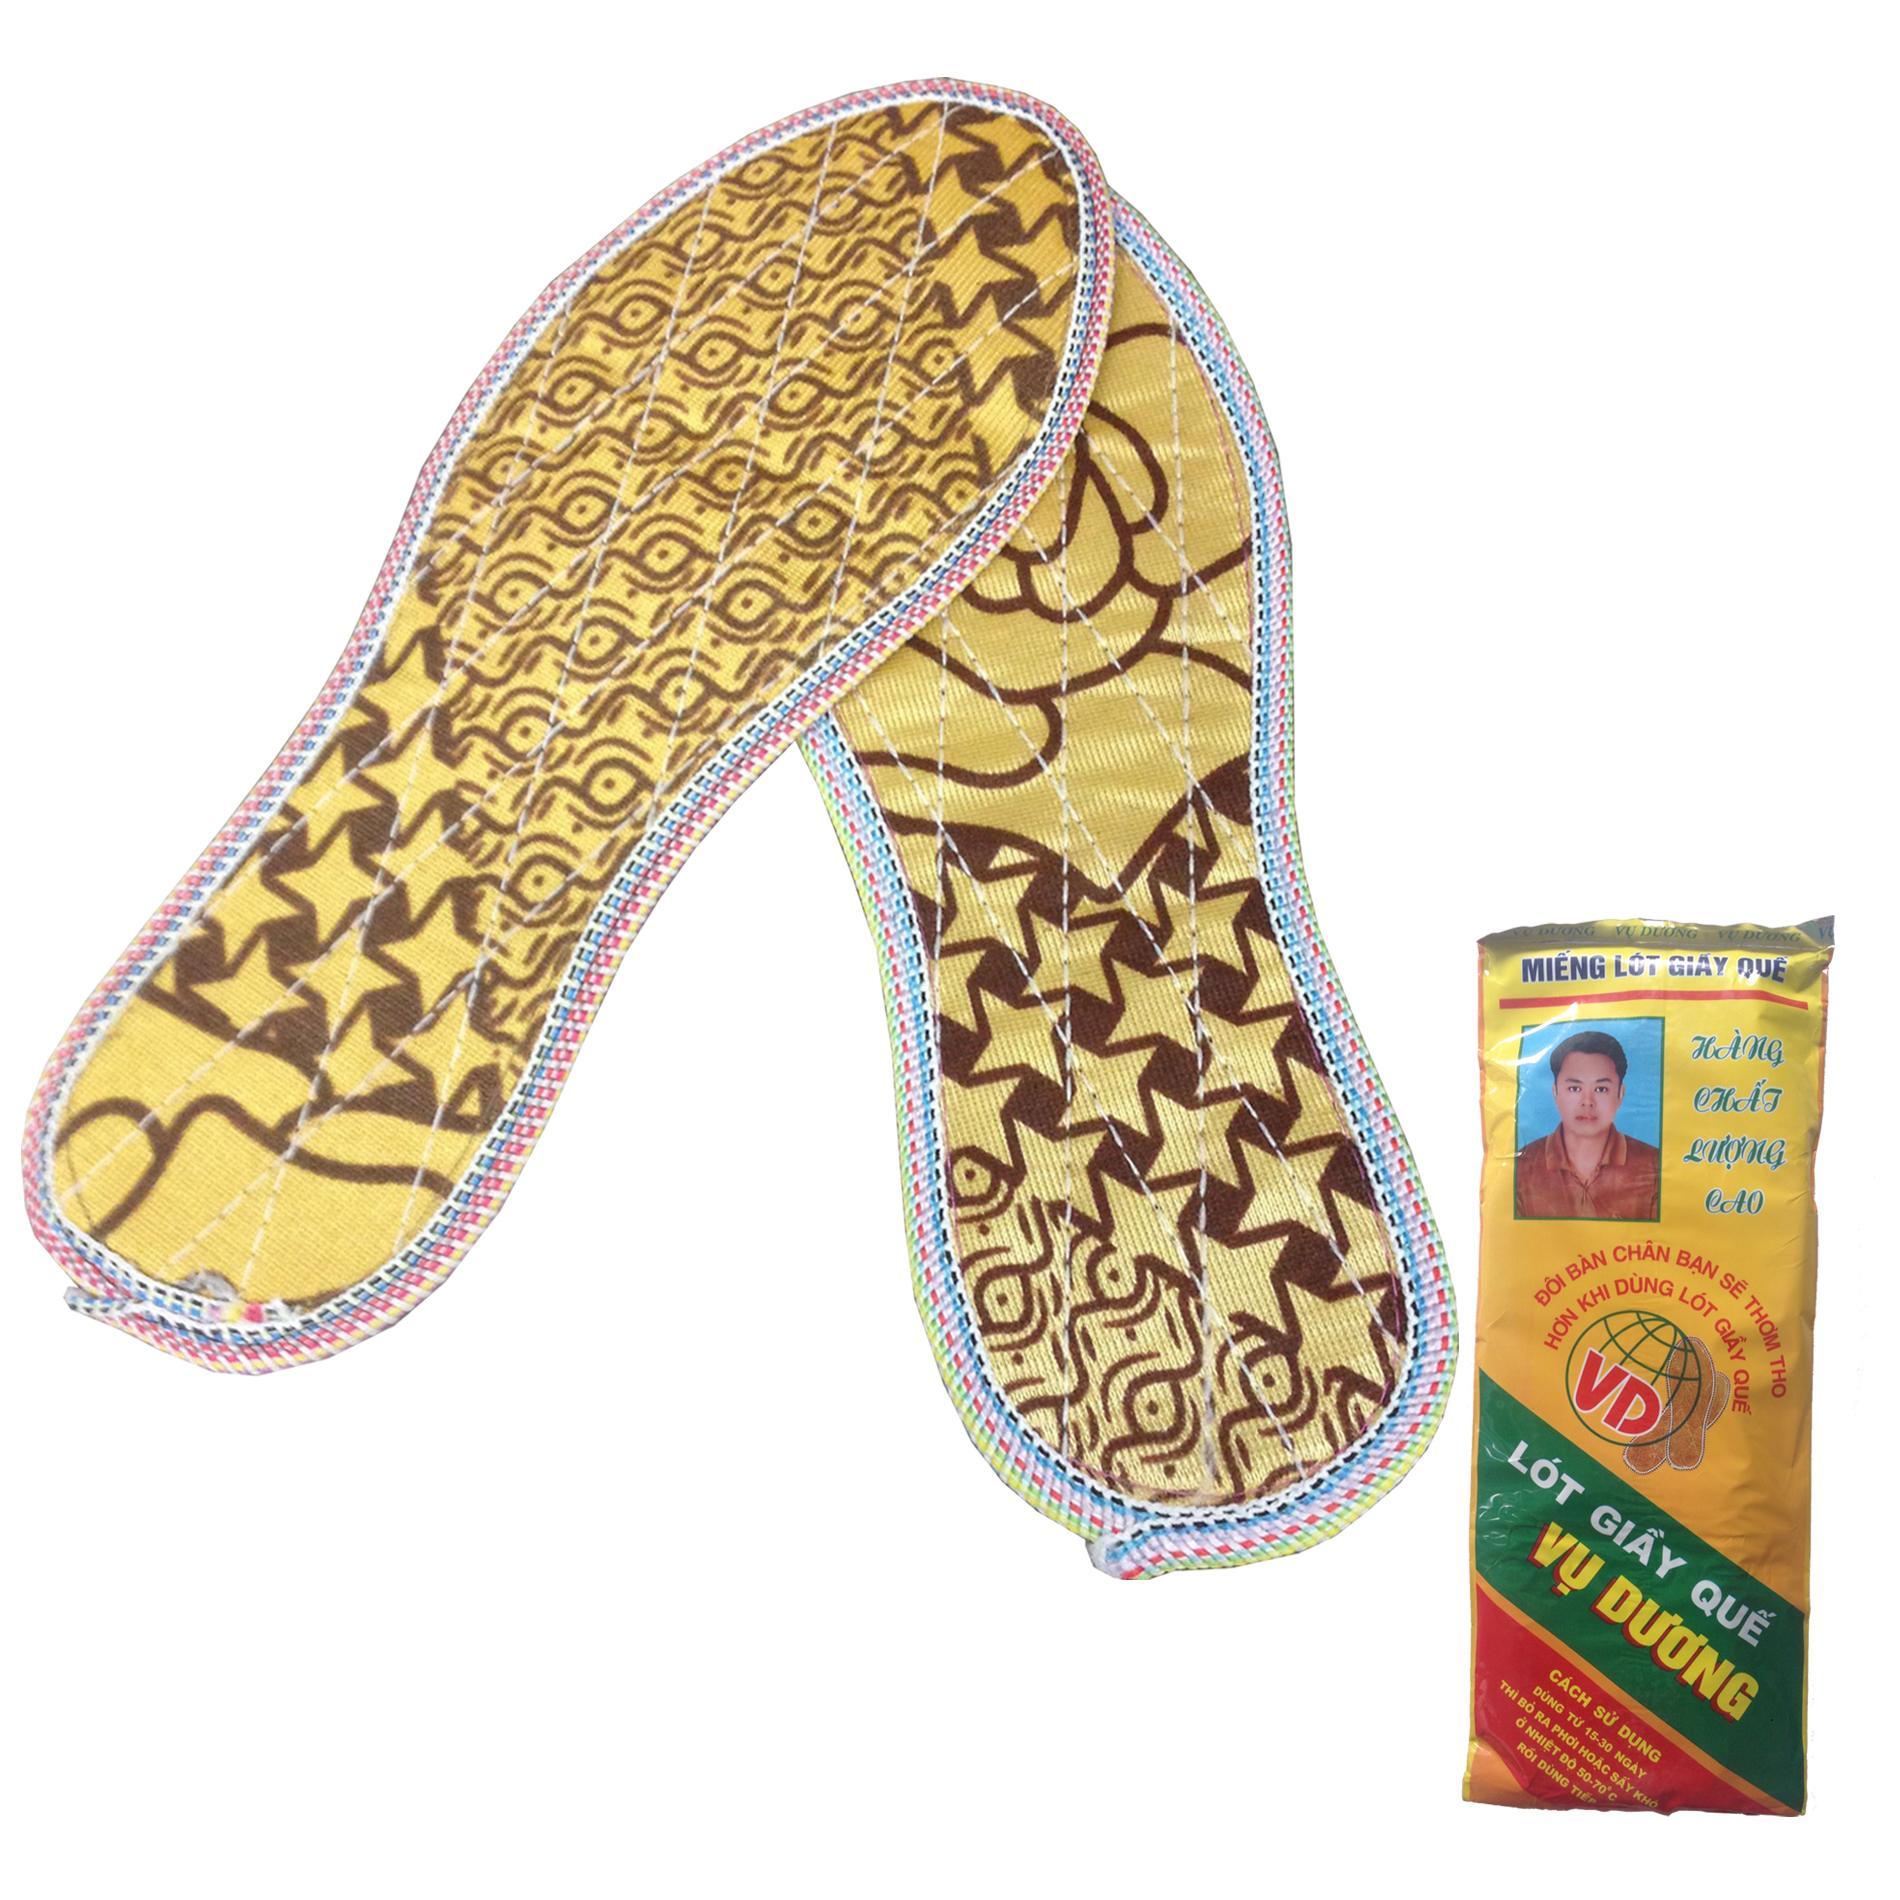 [HCM][GIÁ SỈ] Lót giày mùi hương quế